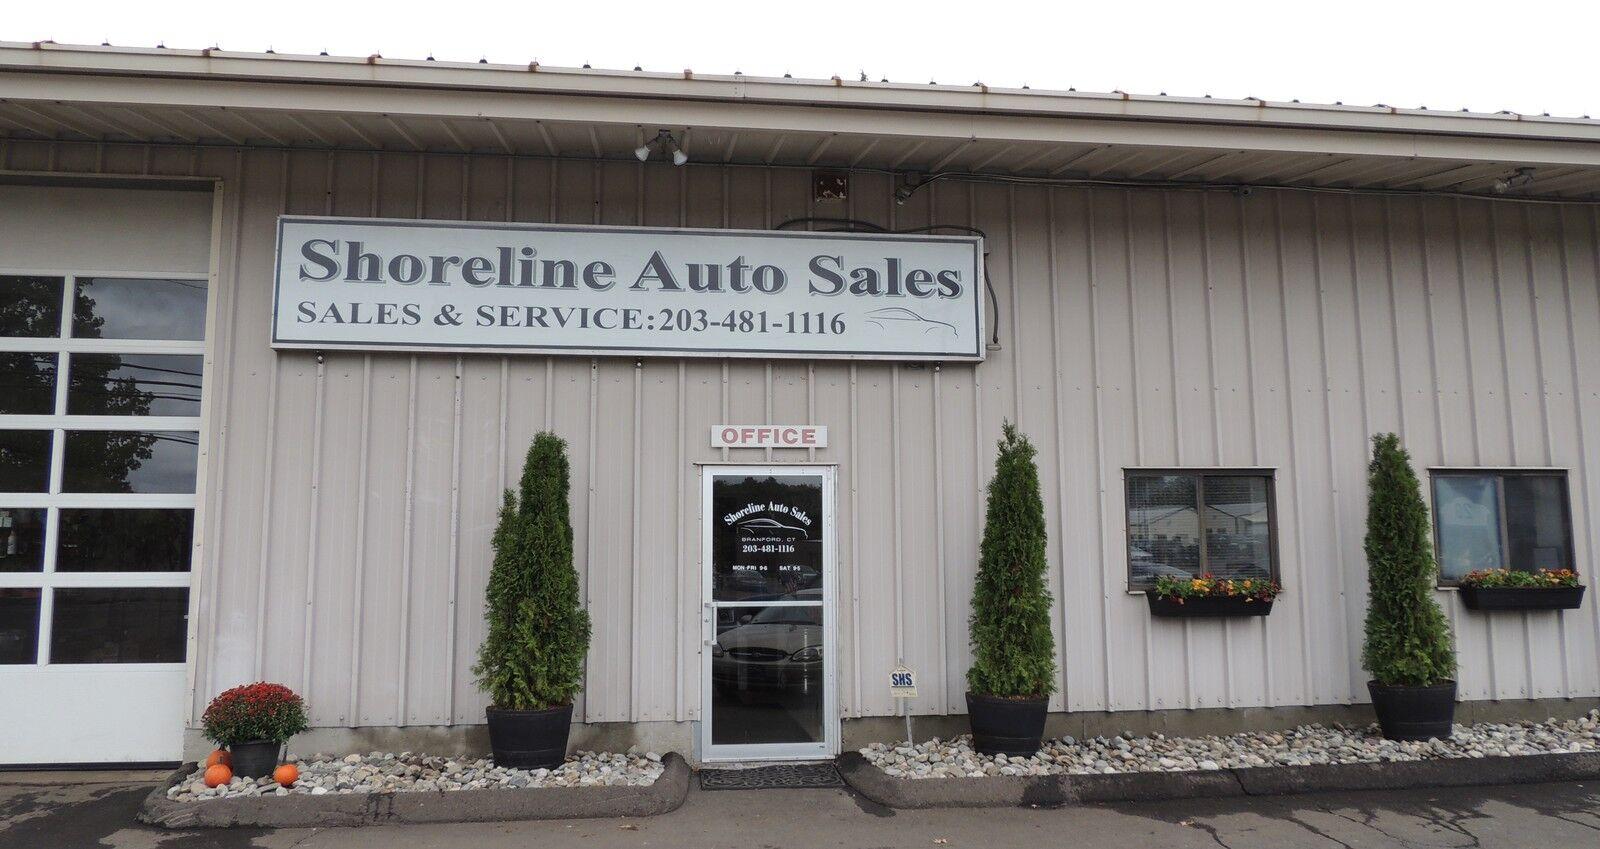 Shoreline Auto Sales